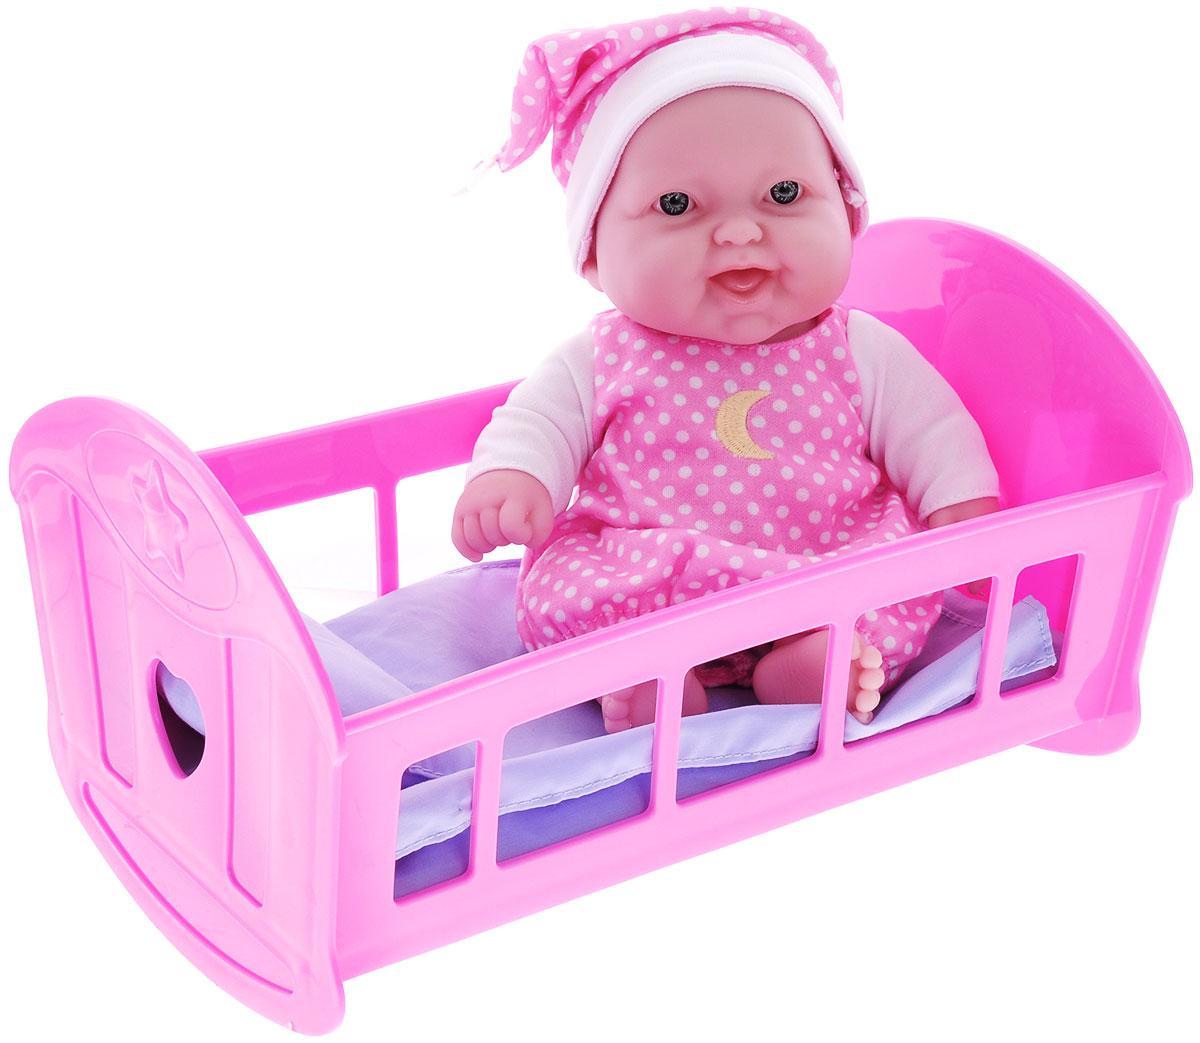 JC Toys Игровой набор Пупс в кроватке16570Веселый, улыбающийся пупс в кроватке от компании JC Toys порадует вашу малышку и доставит ей много удовольствия от часов, посвященных игре с ним. Пупс выглядит как настоящий ребенок. Он одет в розовое платье в белый горошек, и с вышитой луной. На голове у пупса - ночной колпачок. Голова, ручки и ножки пупса подвижны. Пупс сидит в розовой кроватке с матрасиком, одеялом и подушечкой. У пластиковой кроватки закругленное основание, поэтому ее можно использовать как качалку. Игра с пупсом разовьет в вашей малышке чувство ответственности и заботы. Порадуйте свою принцессу таким великолепным подарком!